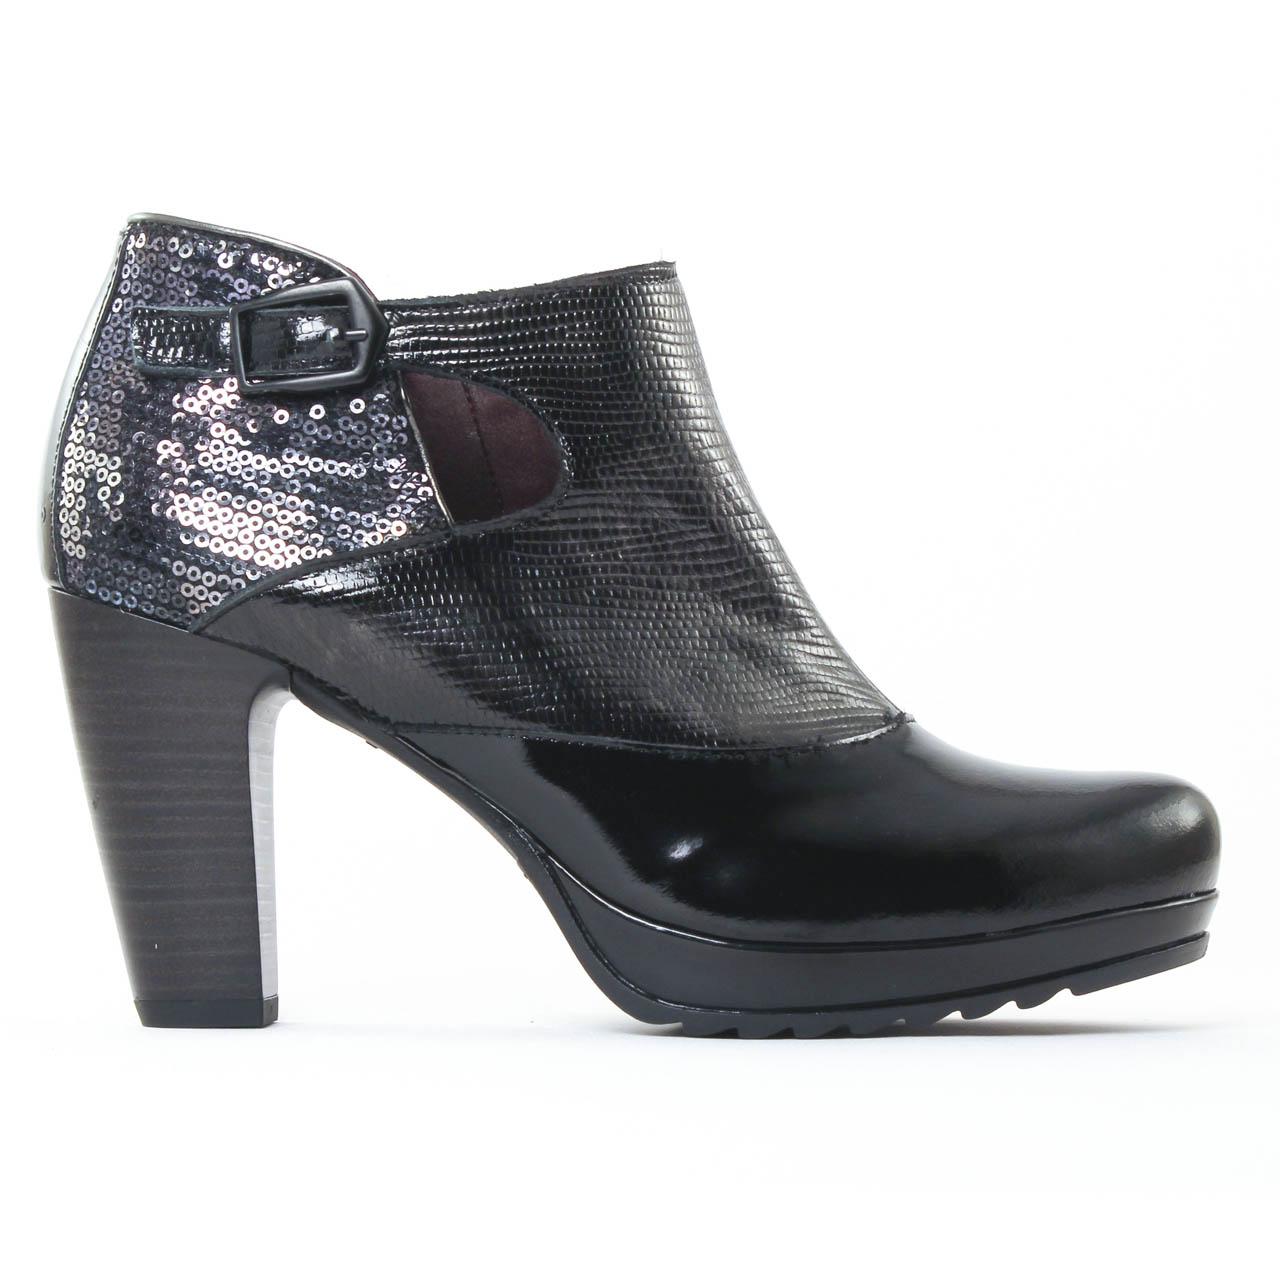 jose saenz 7033 noir low boots vernis noir automne hiver. Black Bedroom Furniture Sets. Home Design Ideas